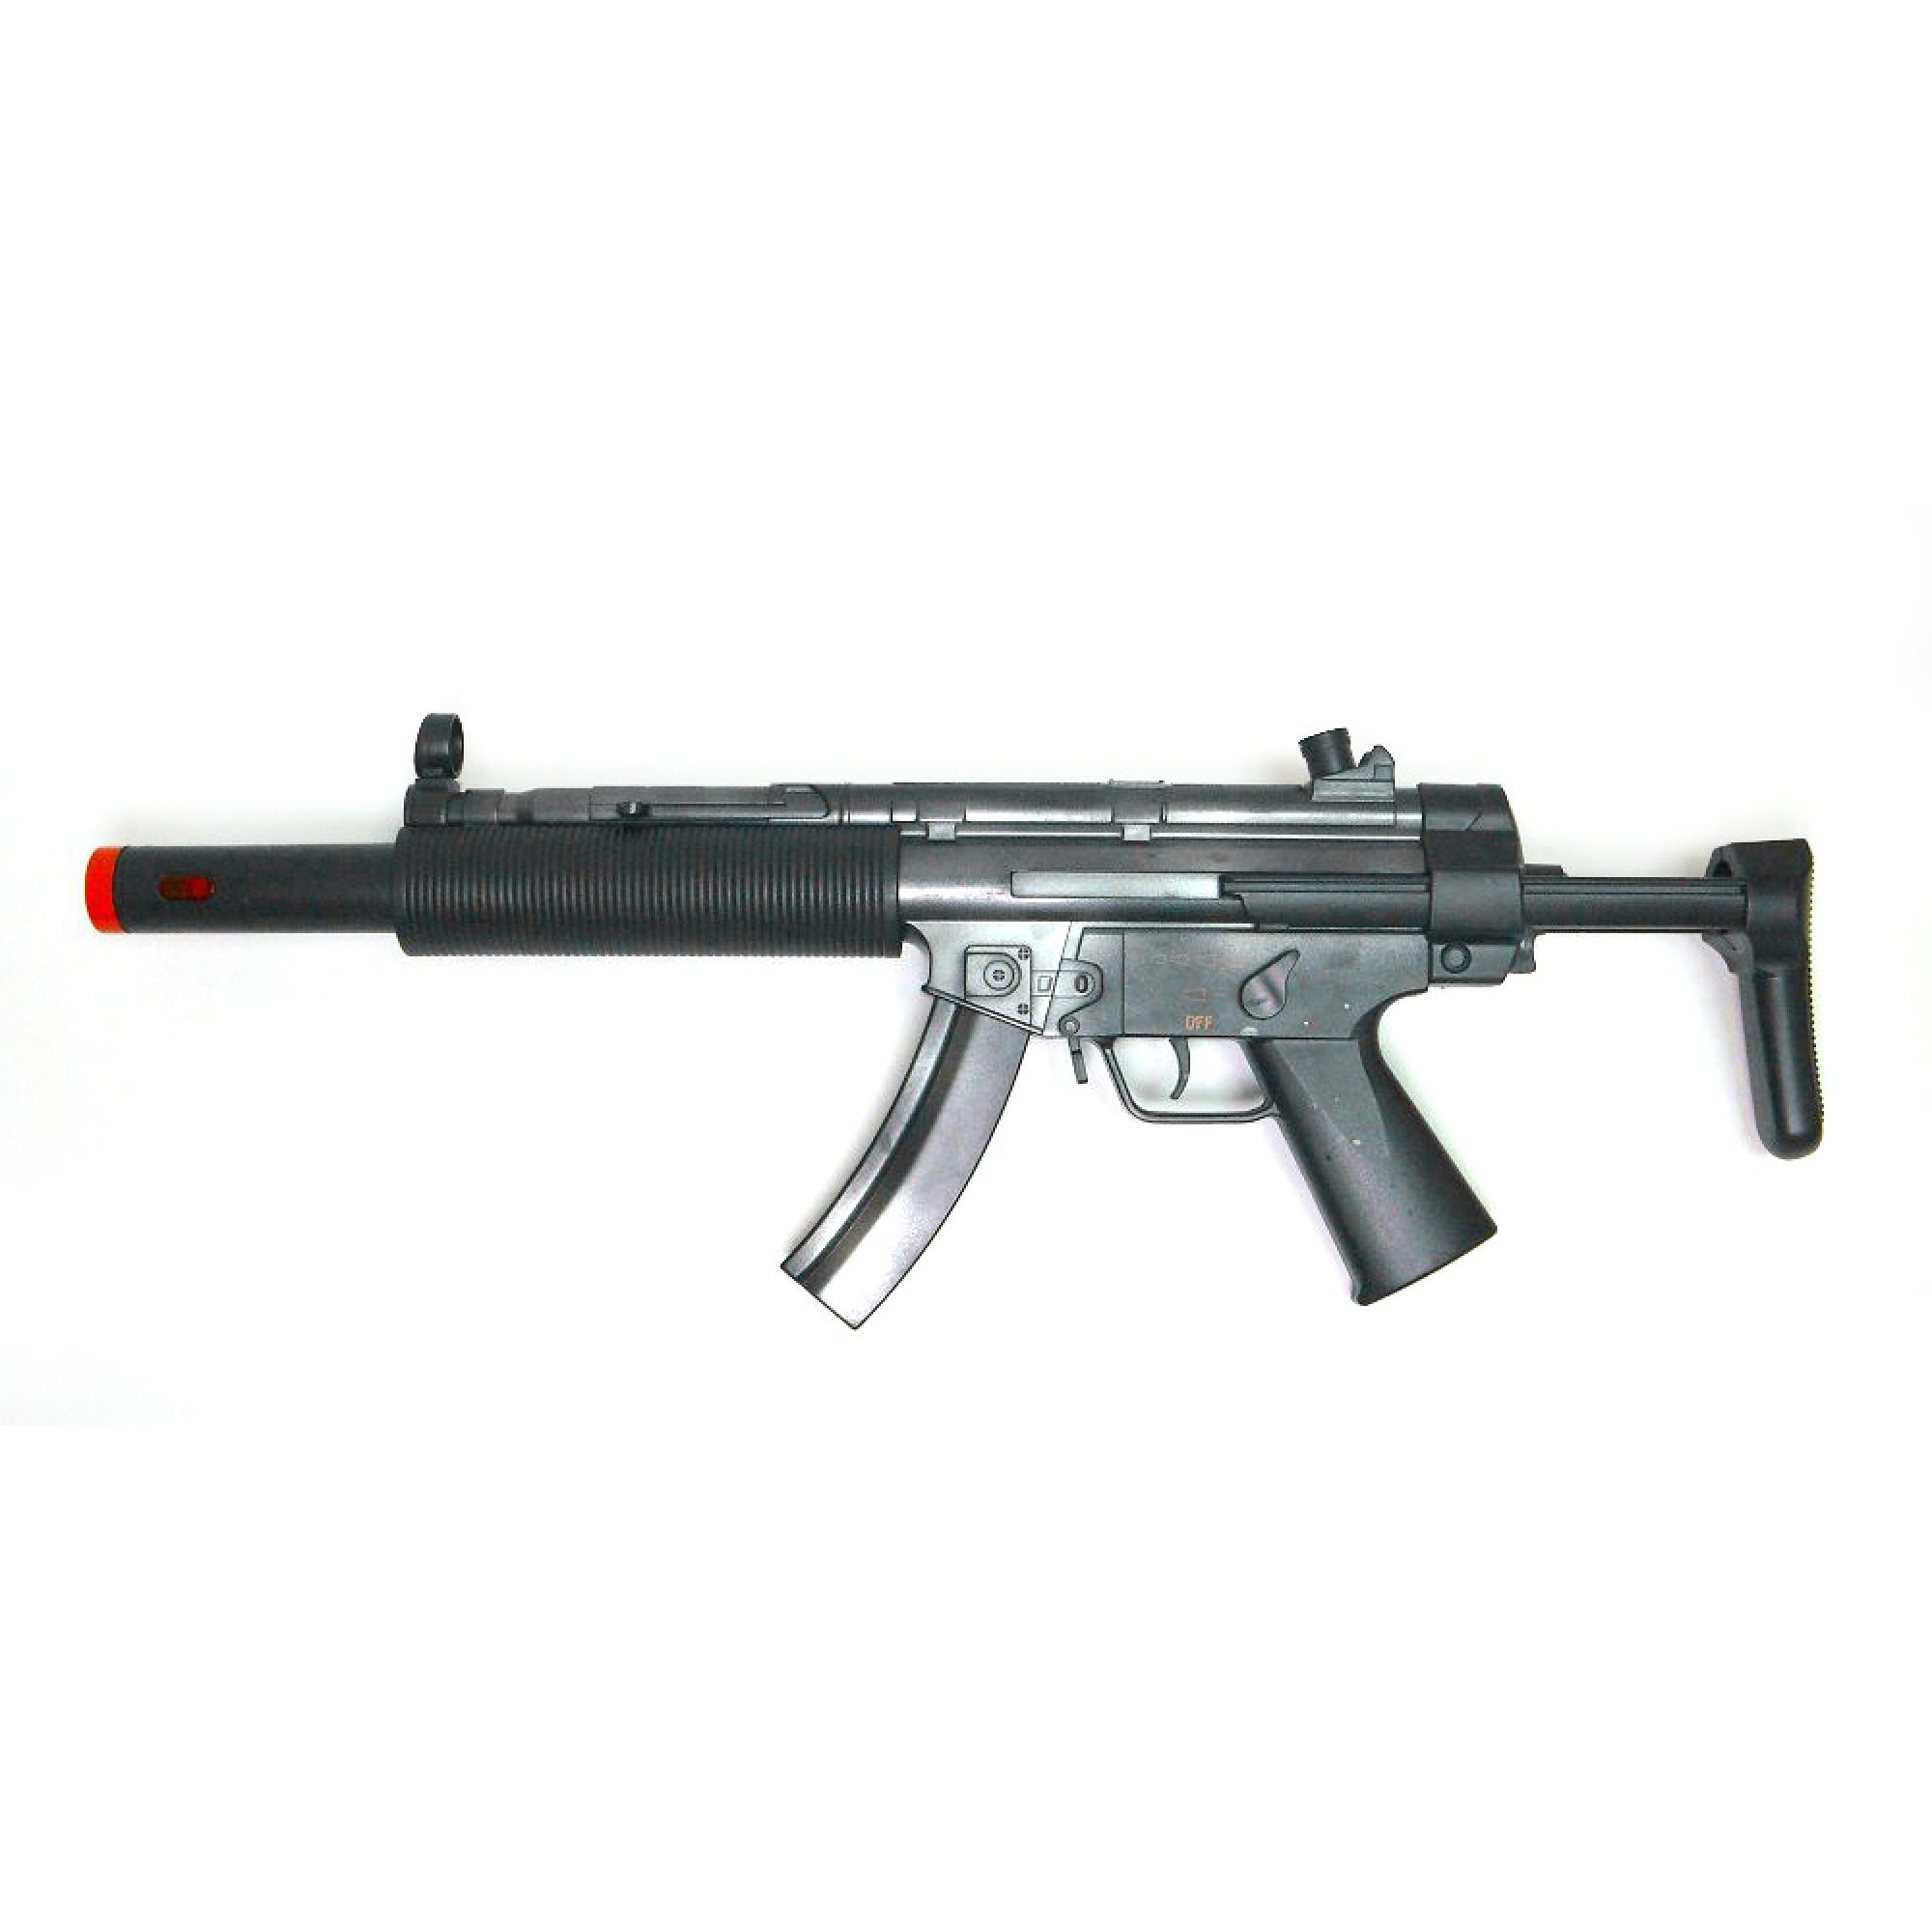 MP5 SD6 W/Light, Sound & Vibration